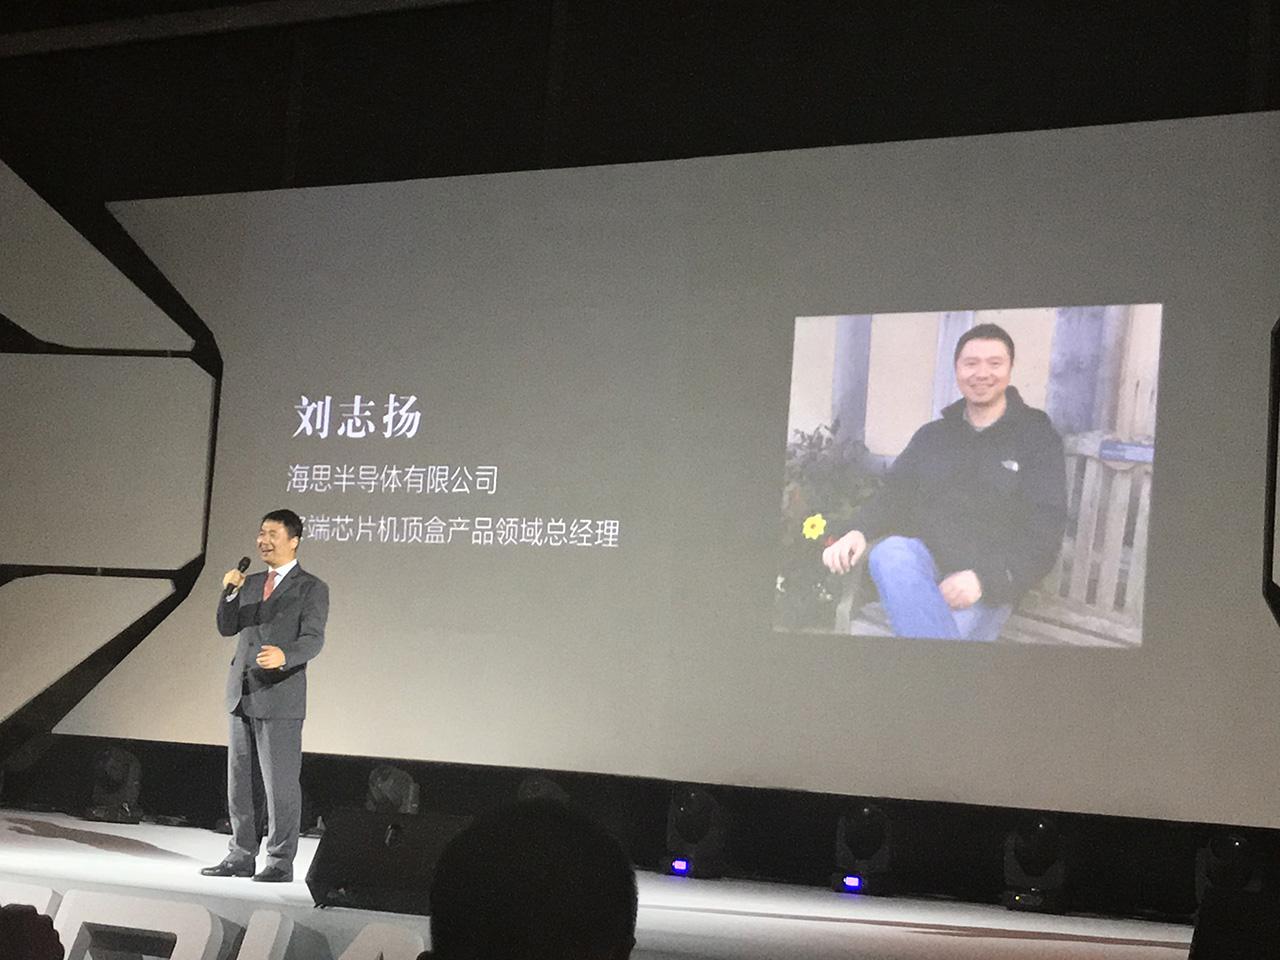 刘志杨刘总还对海思处理器的未来发展进行了比较详细的介绍!